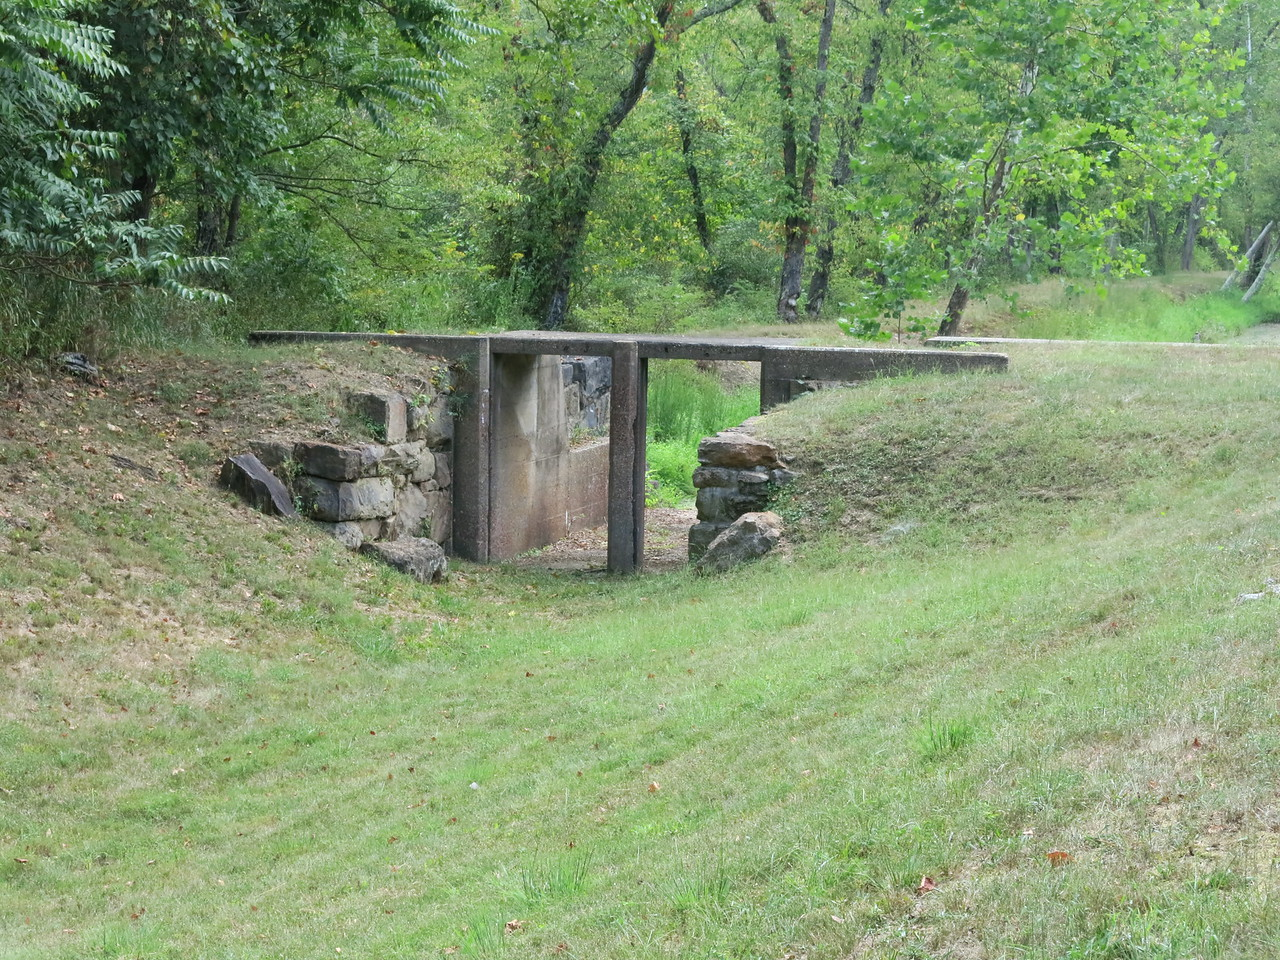 Spillway at Lock 71